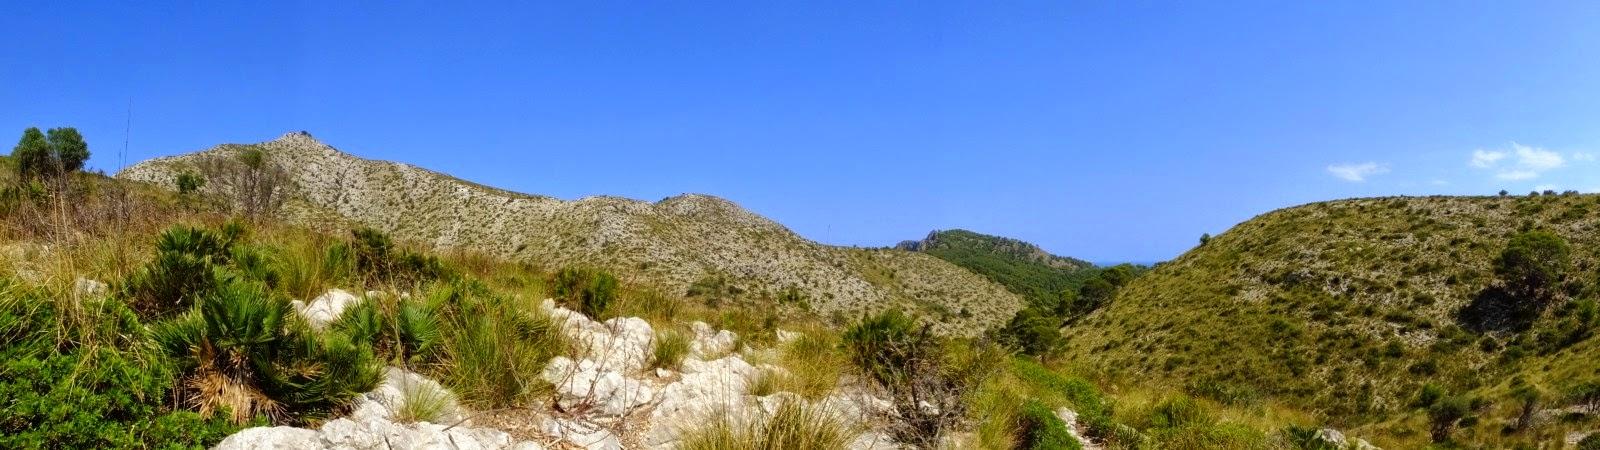 Malle 3 – Rundwanderung auf den Talaia d'Alcudia